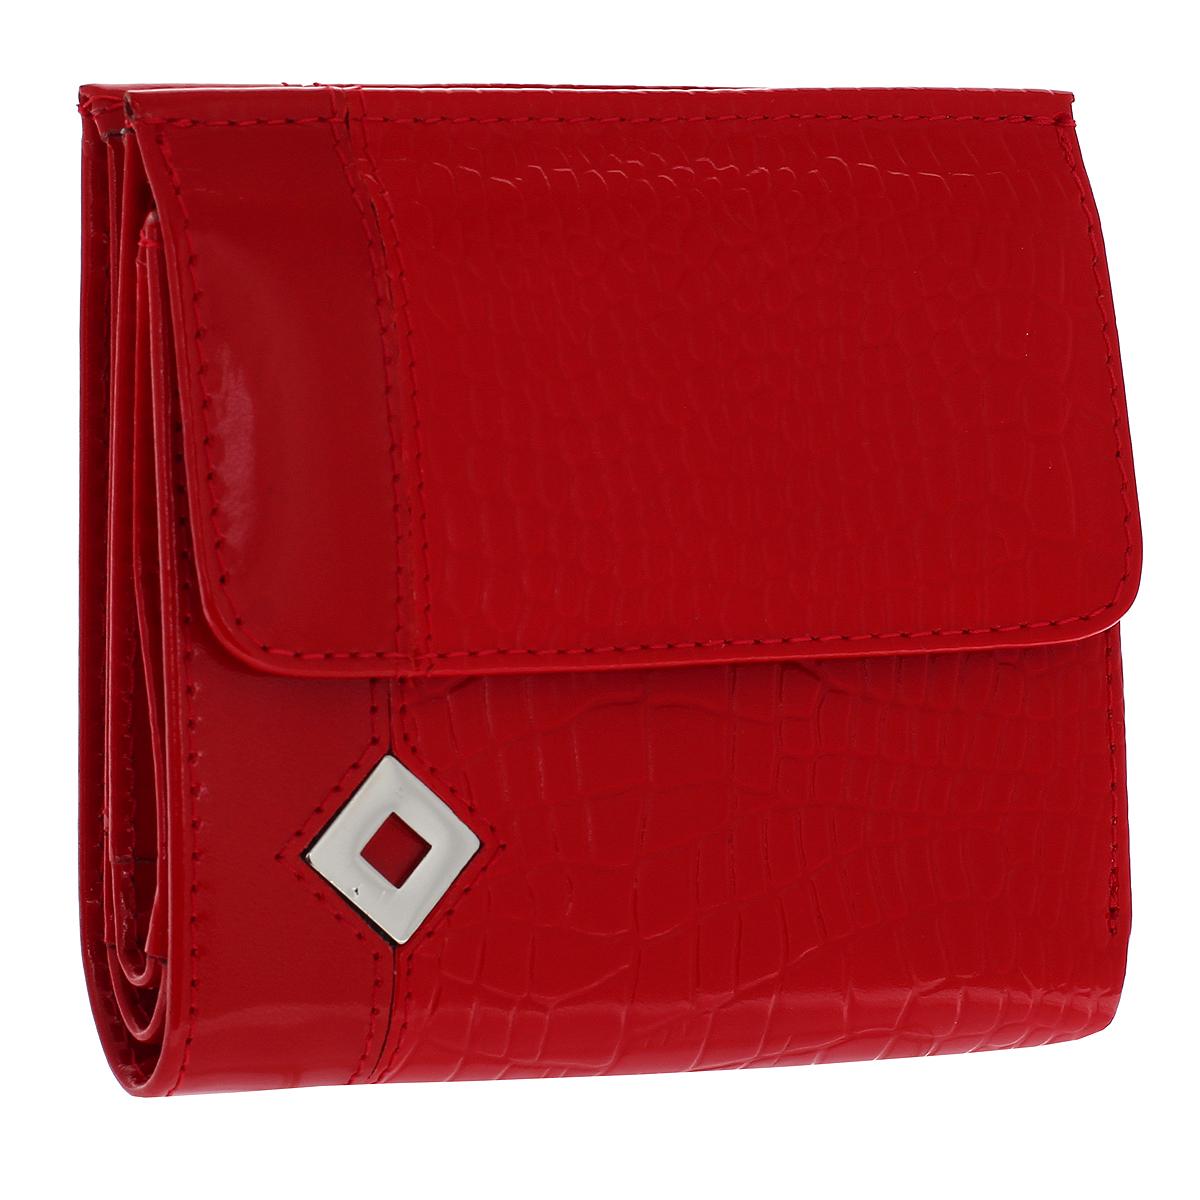 Кошелек женский Dimanche Papillon Rouge, цвет: красный. 424BM8434-58AEКошелек Dimanche Papillon Rouge изготовлен из натуральной лакированной кожи красного цвета с декоративным тиснением под рептилию. Лицевая сторона украшена металлическим значком в виде ромба. Кошелек закрывается на магнитную кнопку. На передней стенке расположен объемный карман для мелочи, закрывающийся клапаном на кнопку. Внутри кошелька содержится 2 отделения для купюр, дополнительный карман на молнии, 2 прорезных кармана для пластиковых карт, кармашек для сим-карты, 2 потайных вертикальных кармашка для мелких бумаг и окошко для фотографии. Внутри кошелек отделан атласным полиэстером красного цвета с рисунком. Фурнитура - серебристого цвета.Стильный кошелек отлично дополнит ваш образ и станет незаменимым аксессуаром на каждый день. Упакован в фирменную картонную коробку коричневого цвета.Характеристики: Материал: натуральная кожа, полиэстер, металл. Цвет: красный. Размер кошелька (ДхШхВ): 10 см х 10,5 см х 2,5 см.